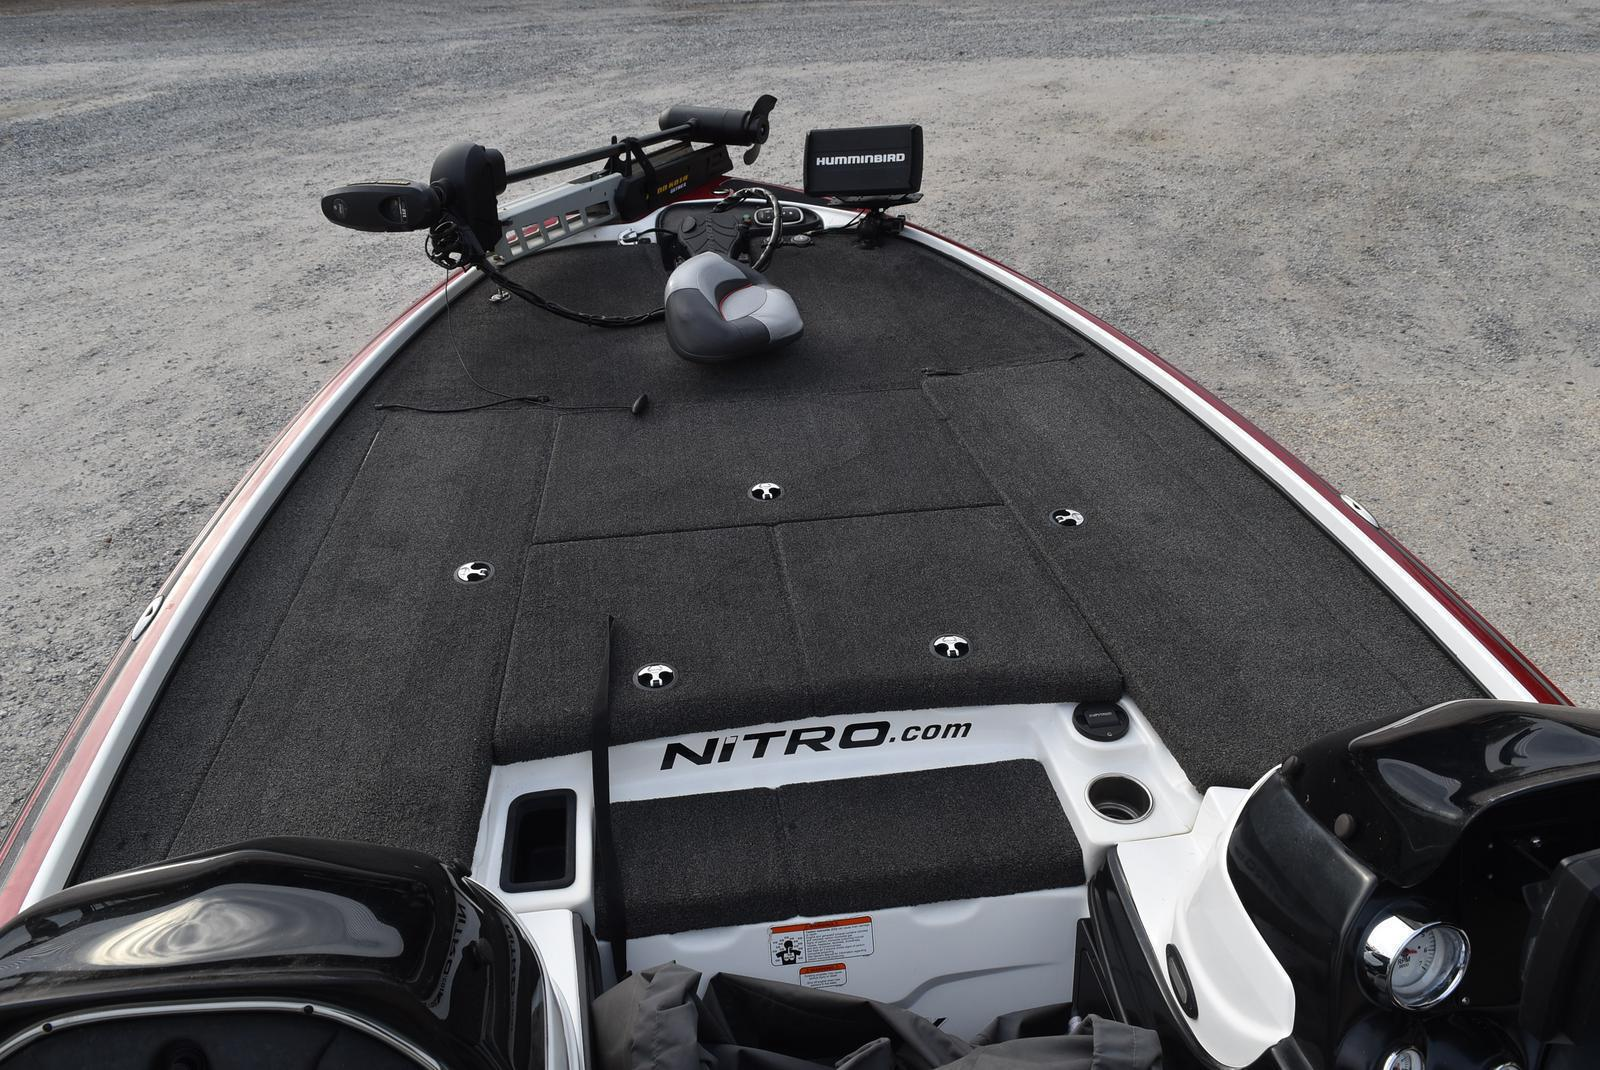 New  2013 Nitro Boats Bass Boat in Marrero, Louisiana